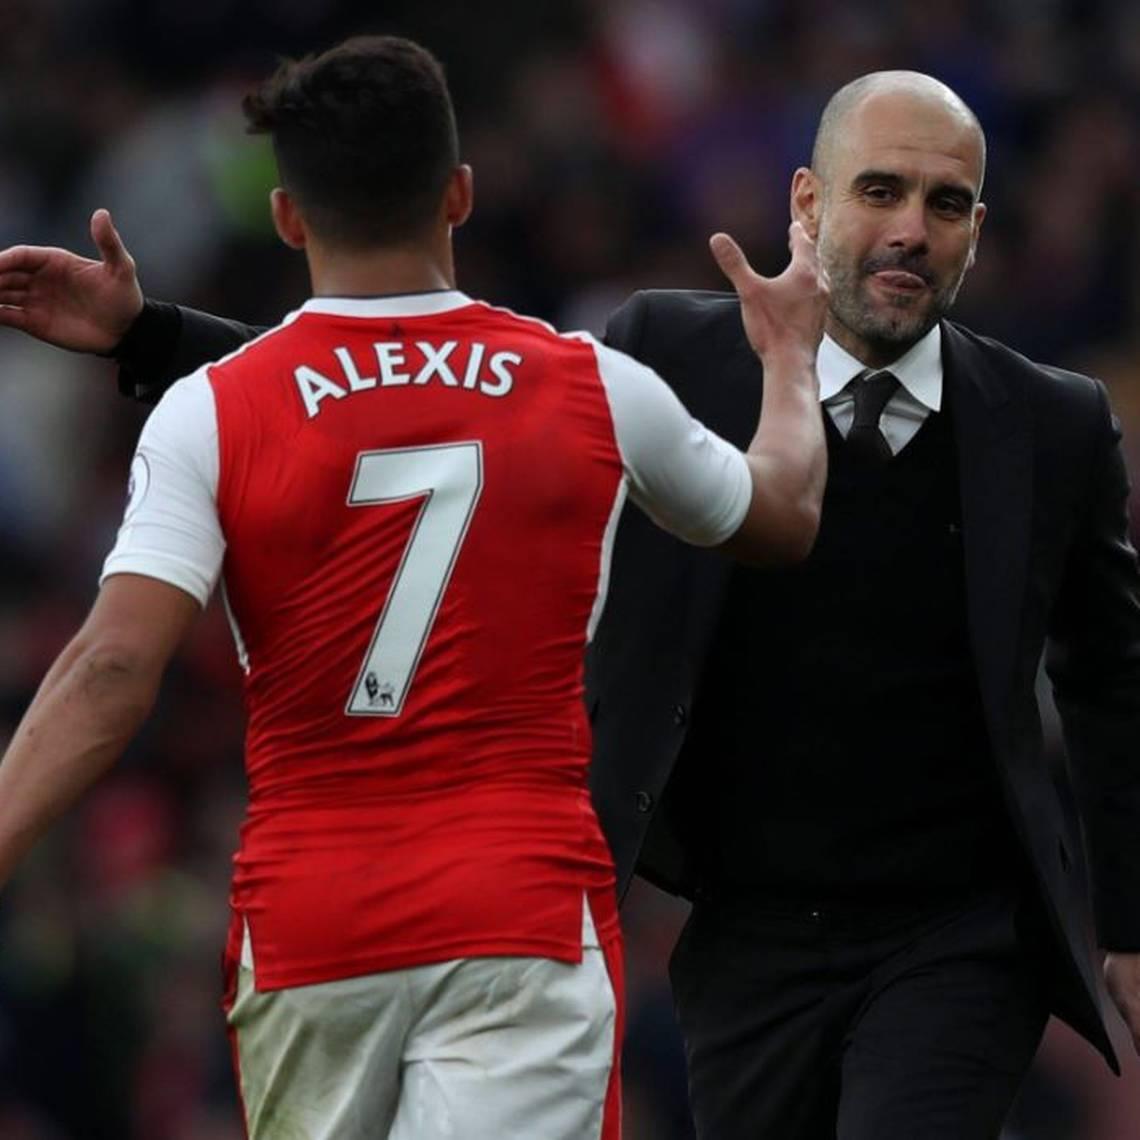 Medios ingleses aseguran que Alexis Sánchez es el nuevo jugador del City